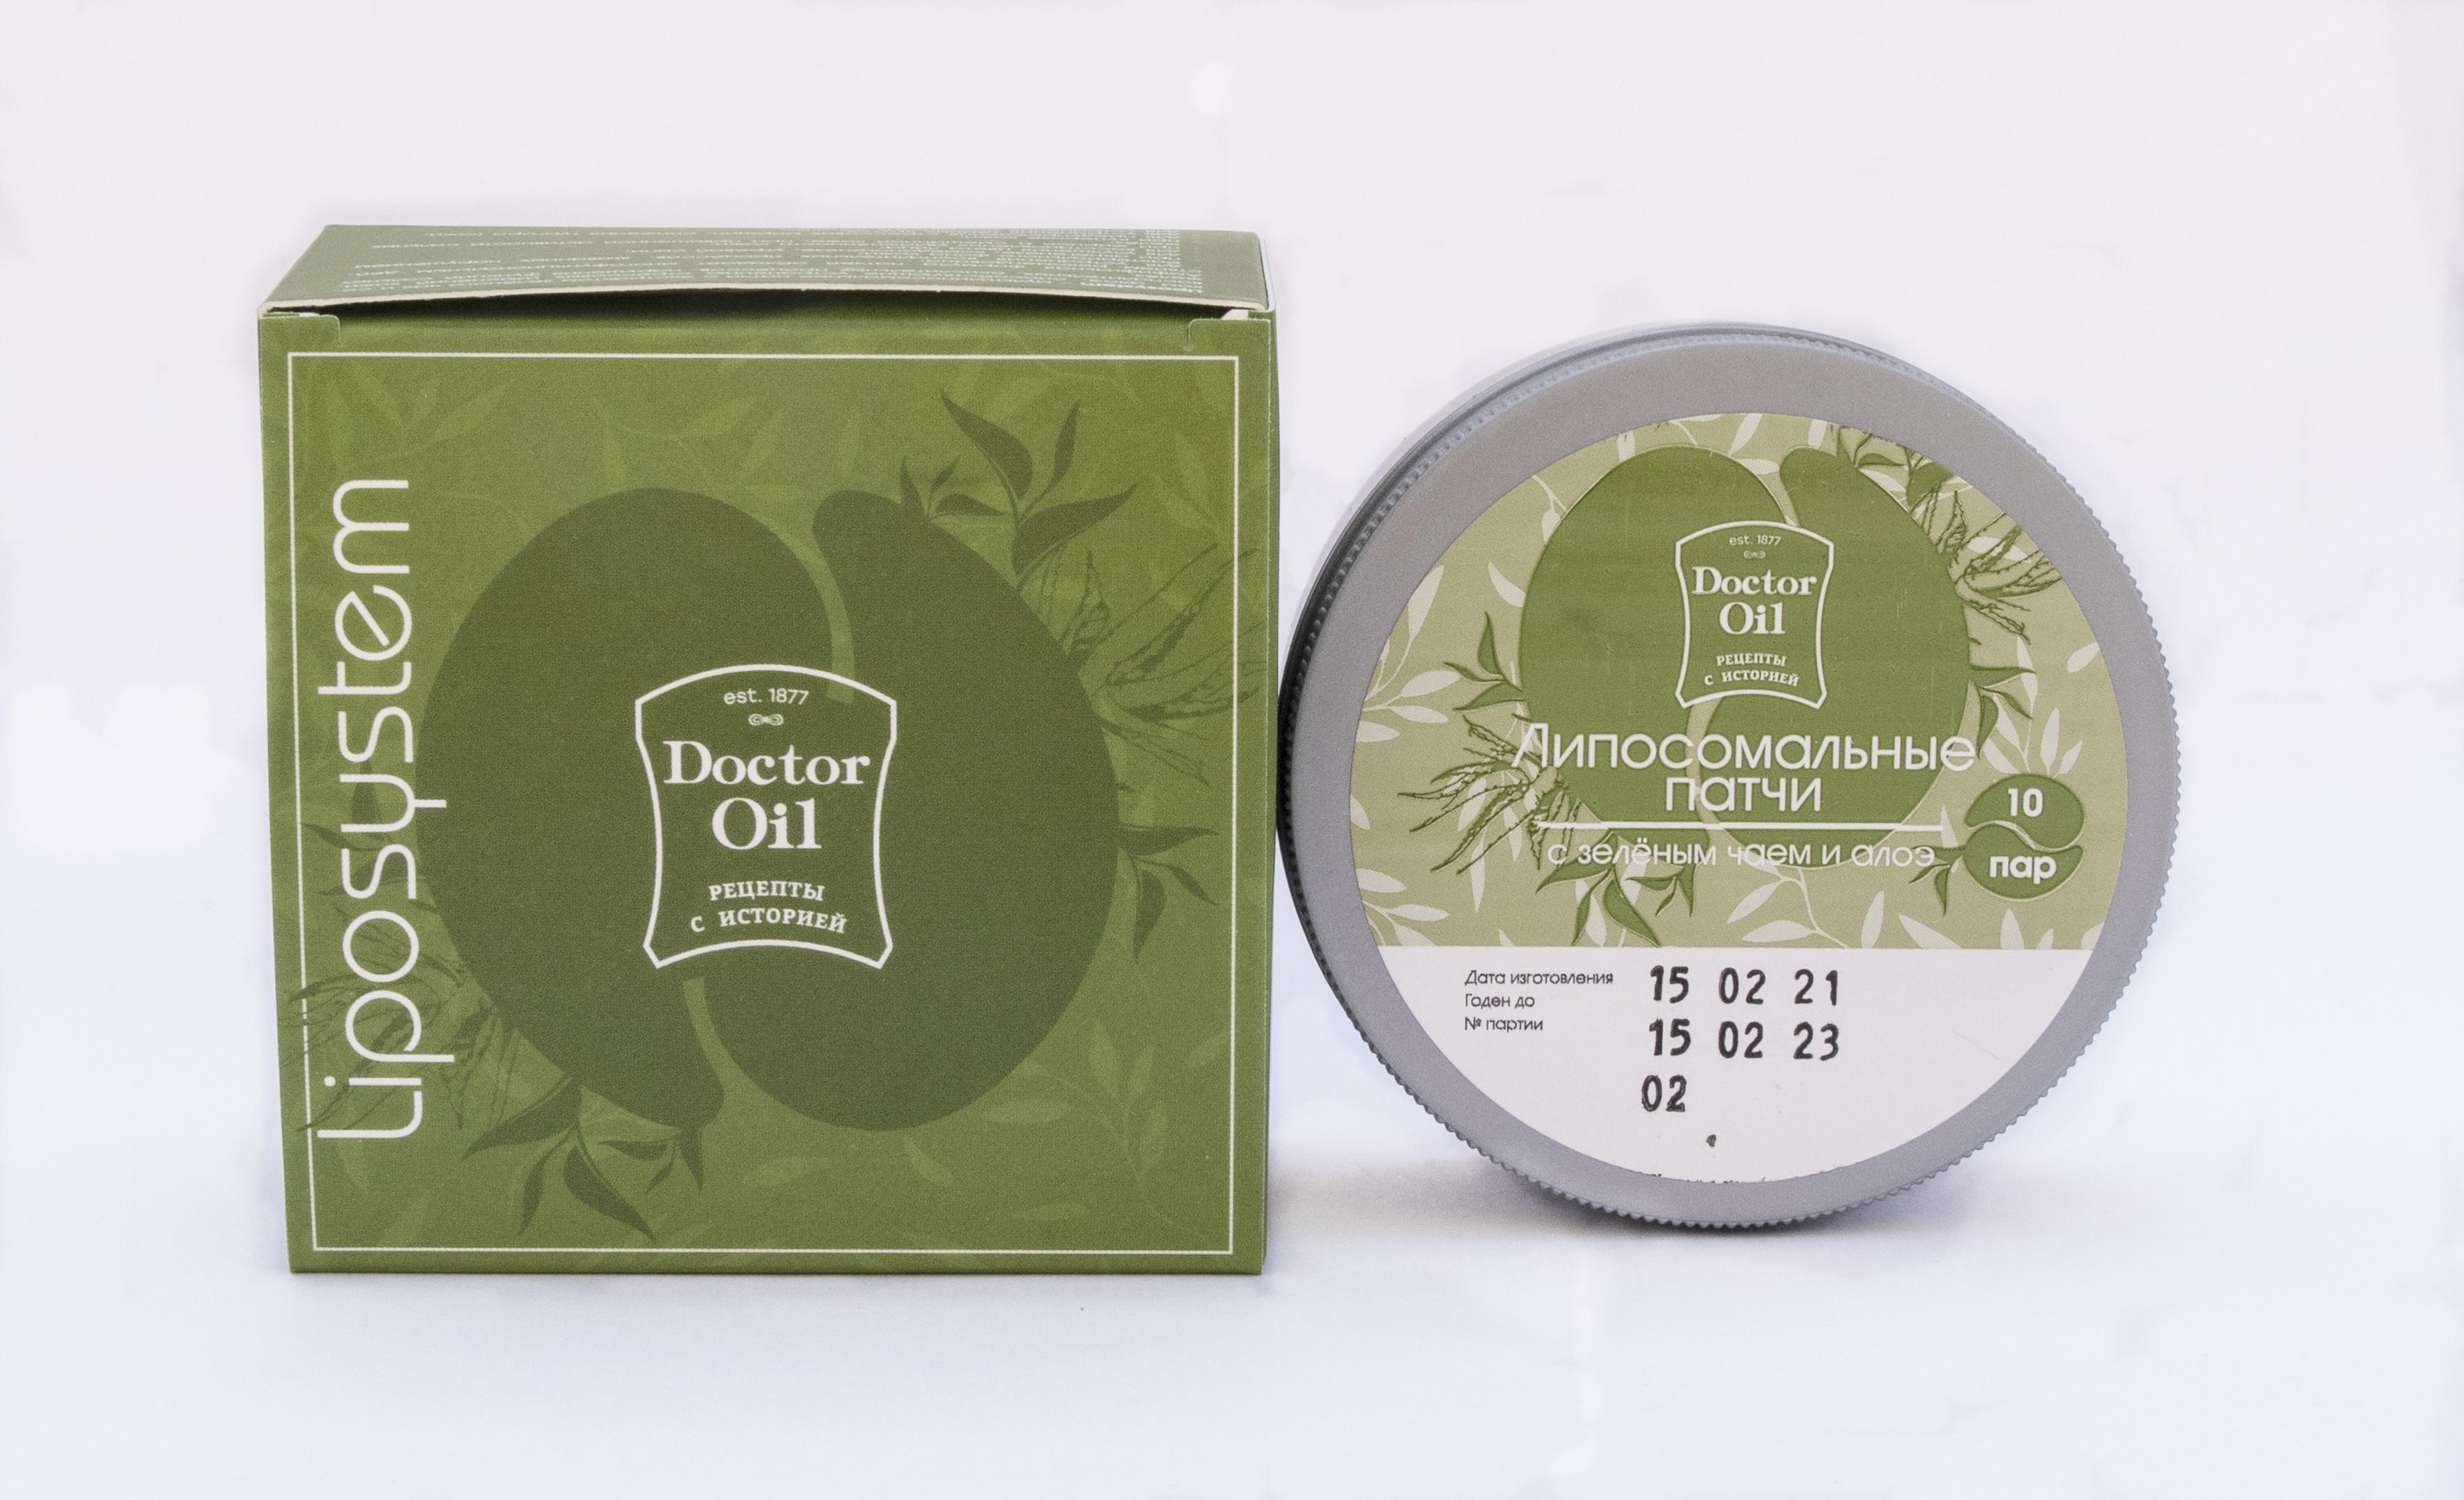 Липосомальные патчи для глаз зеленый чай и алоэ 10 пар